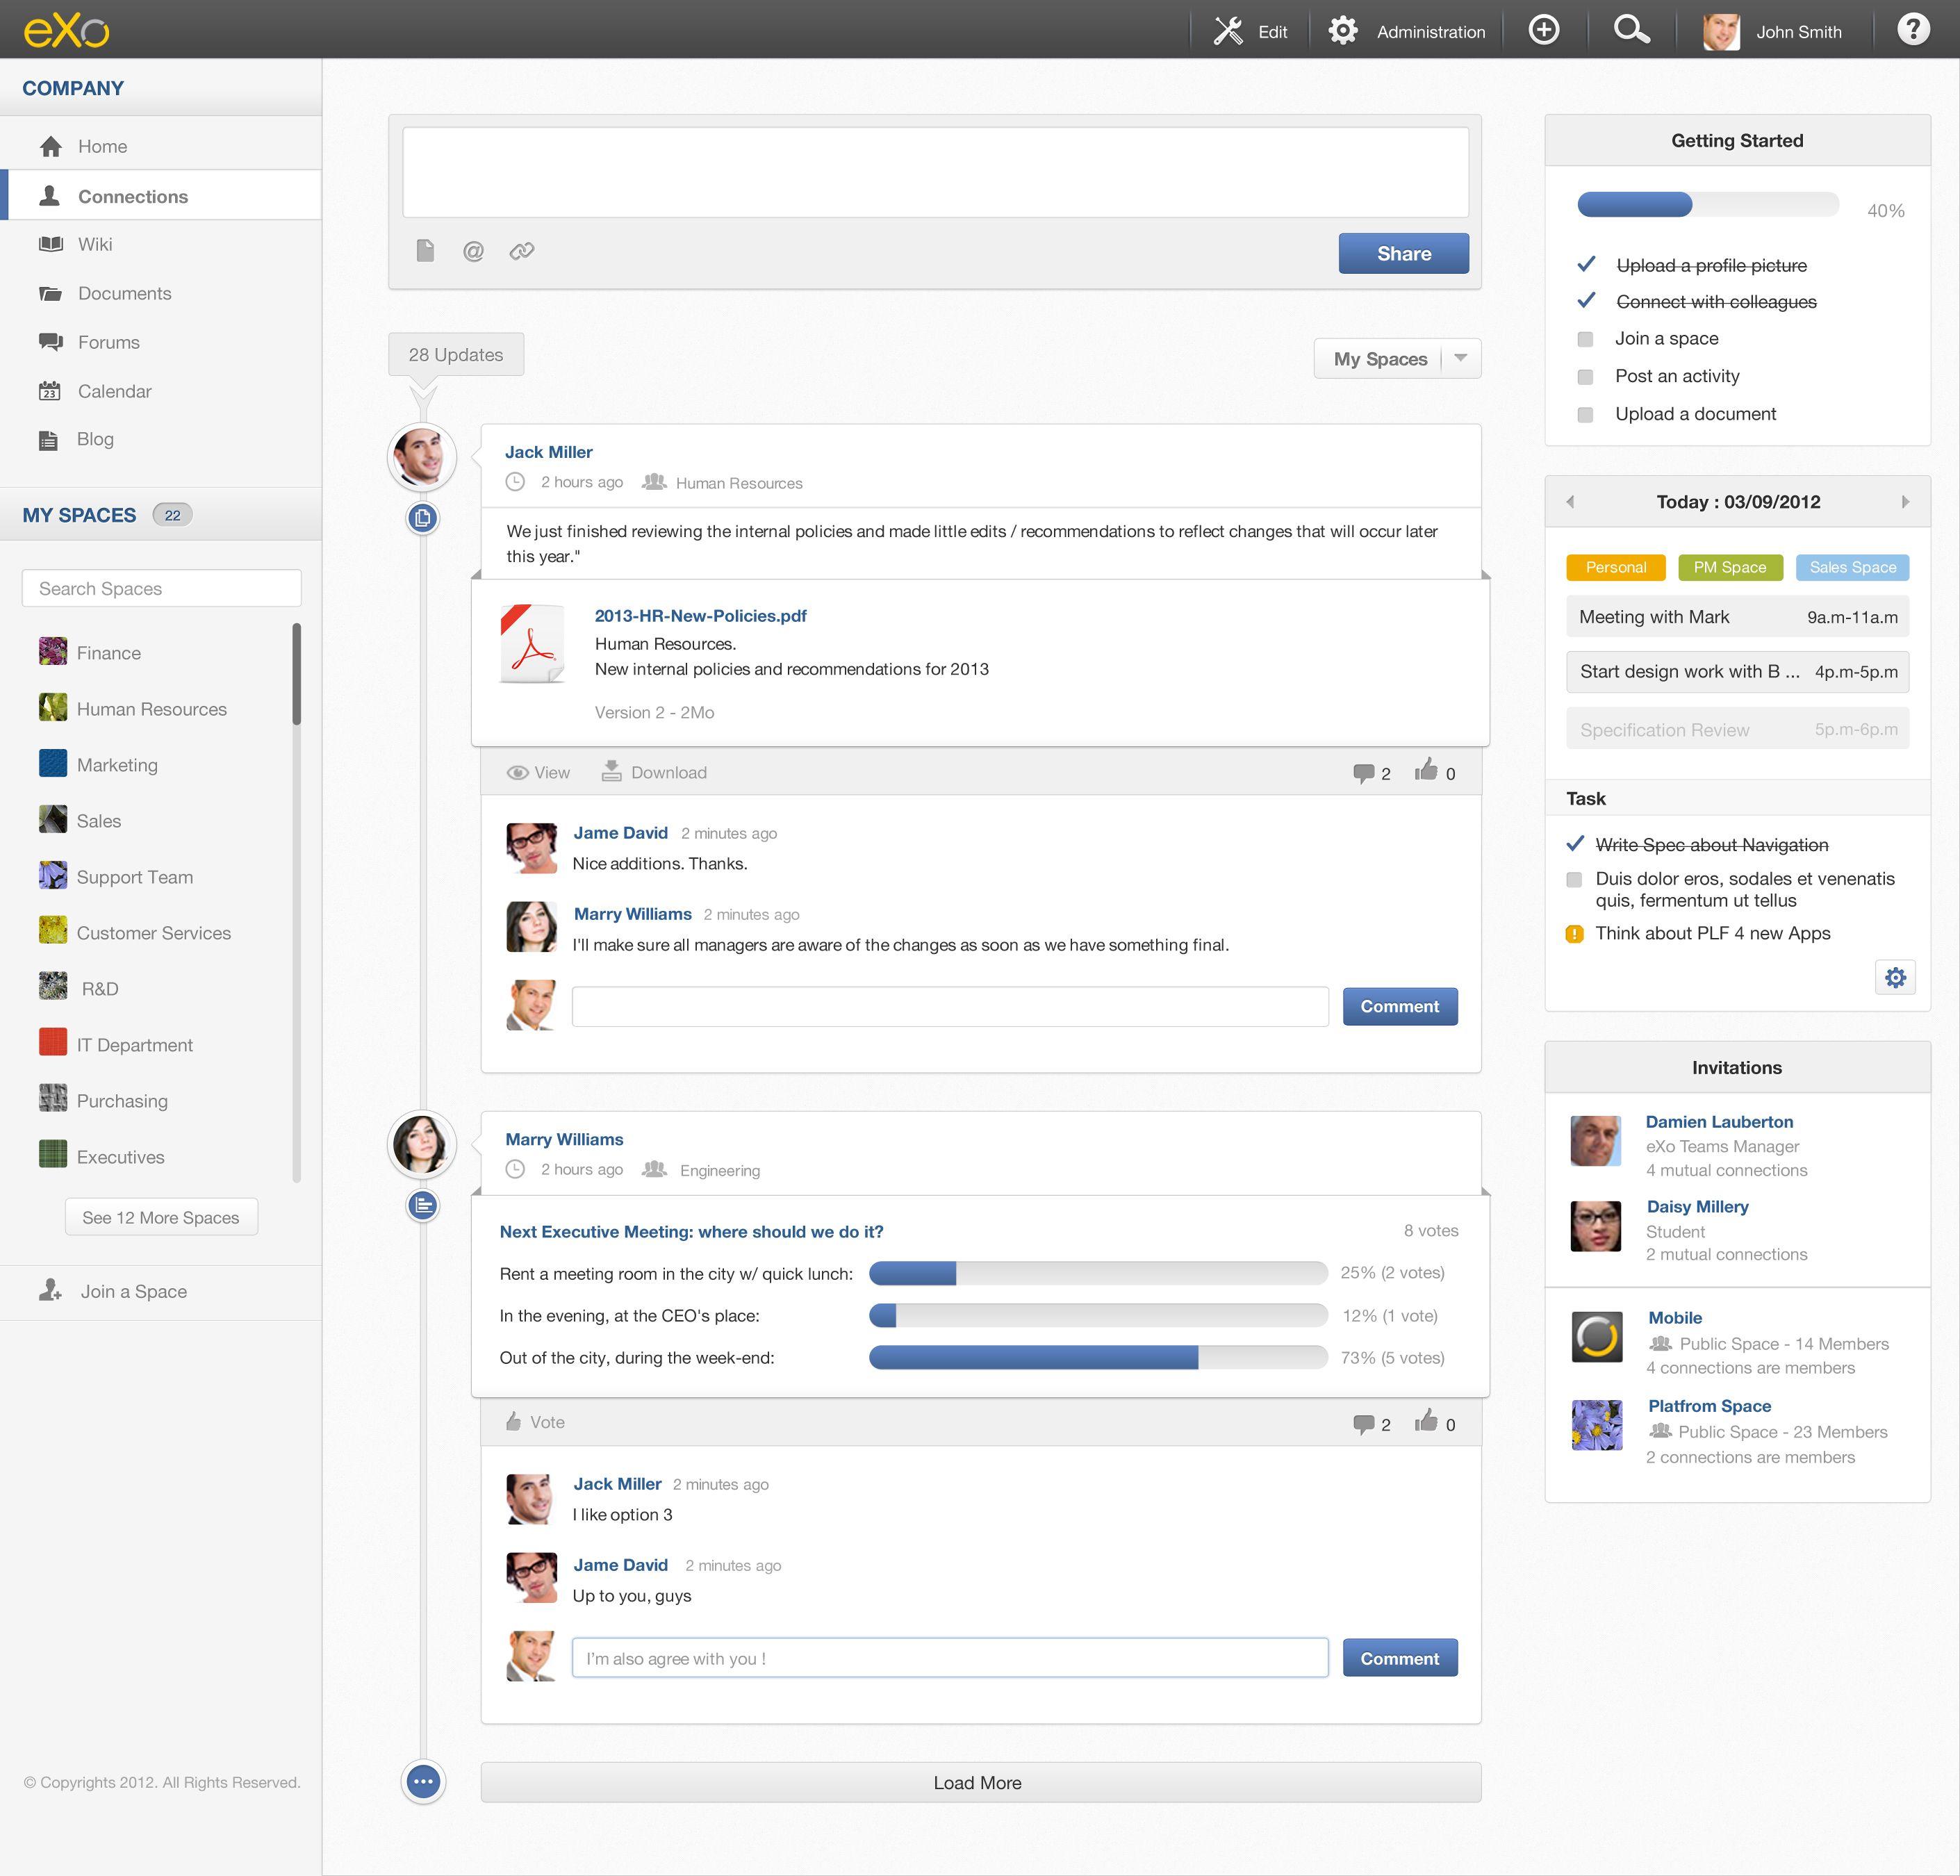 Open Source Enterprise Social Network And Enterprise Portal Timeline Design Exo Platform Web Design